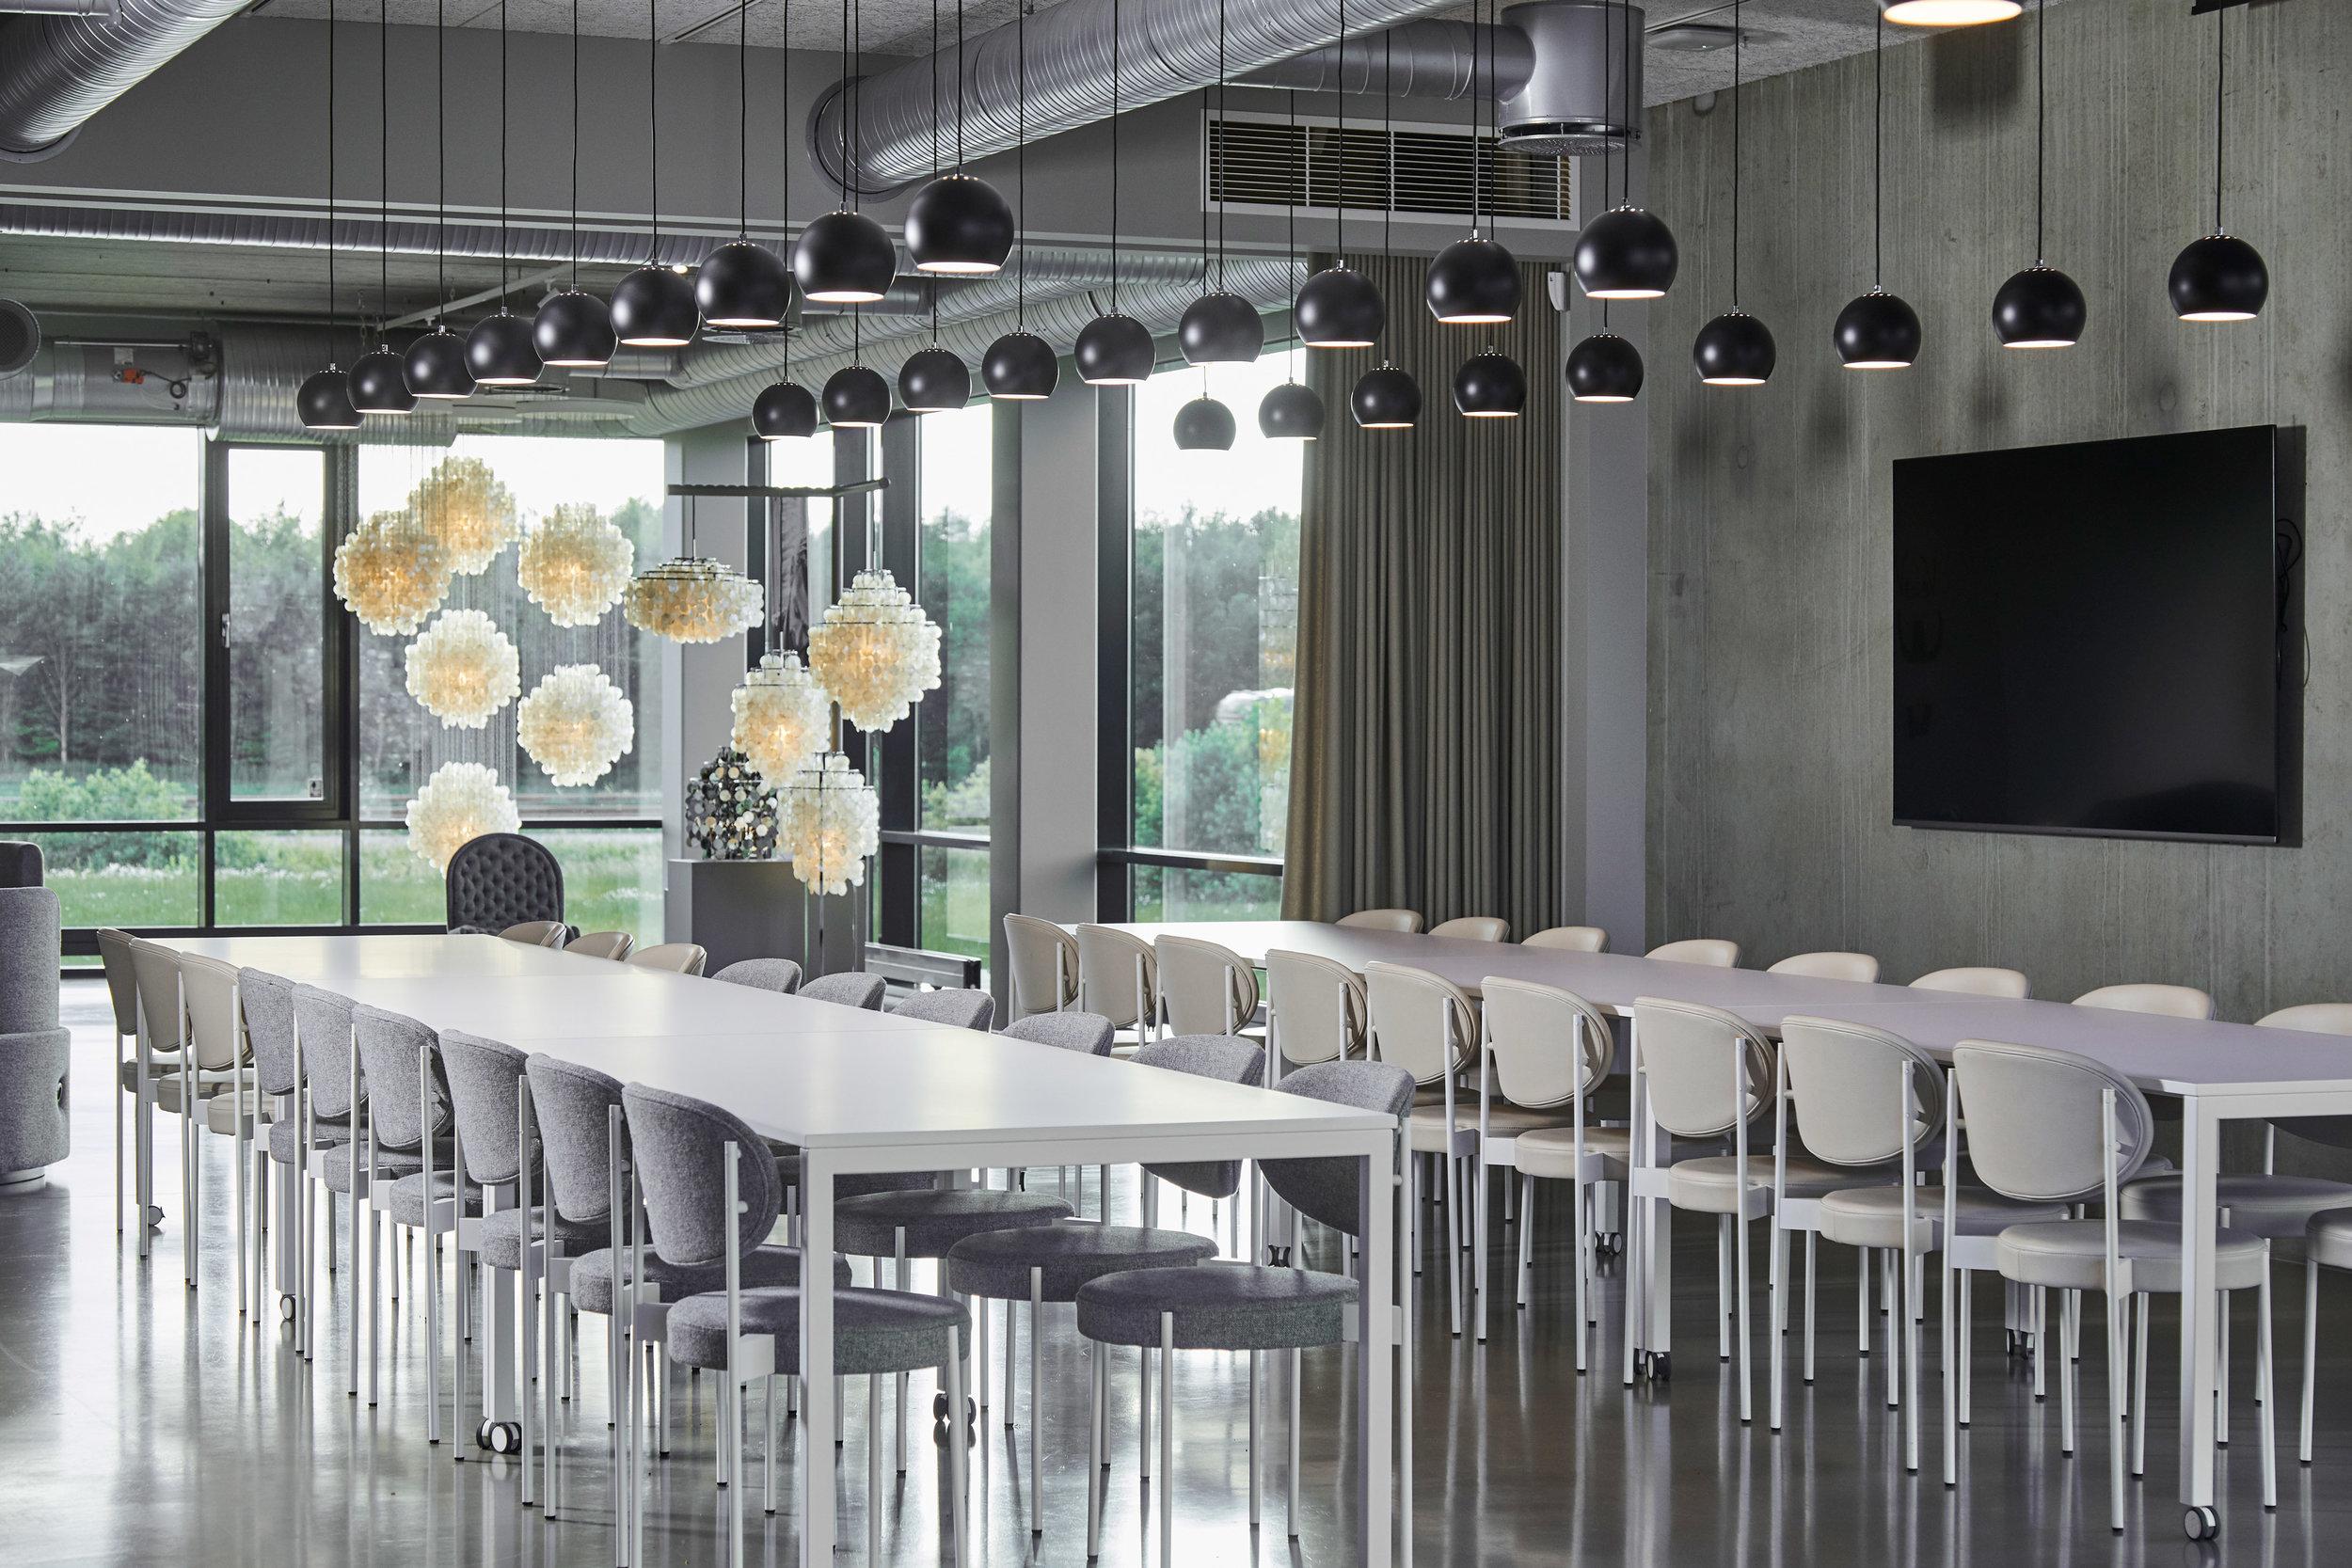 Frandsen-Lighting-19.06.26-interiør-og-eksteriør7925.jpg